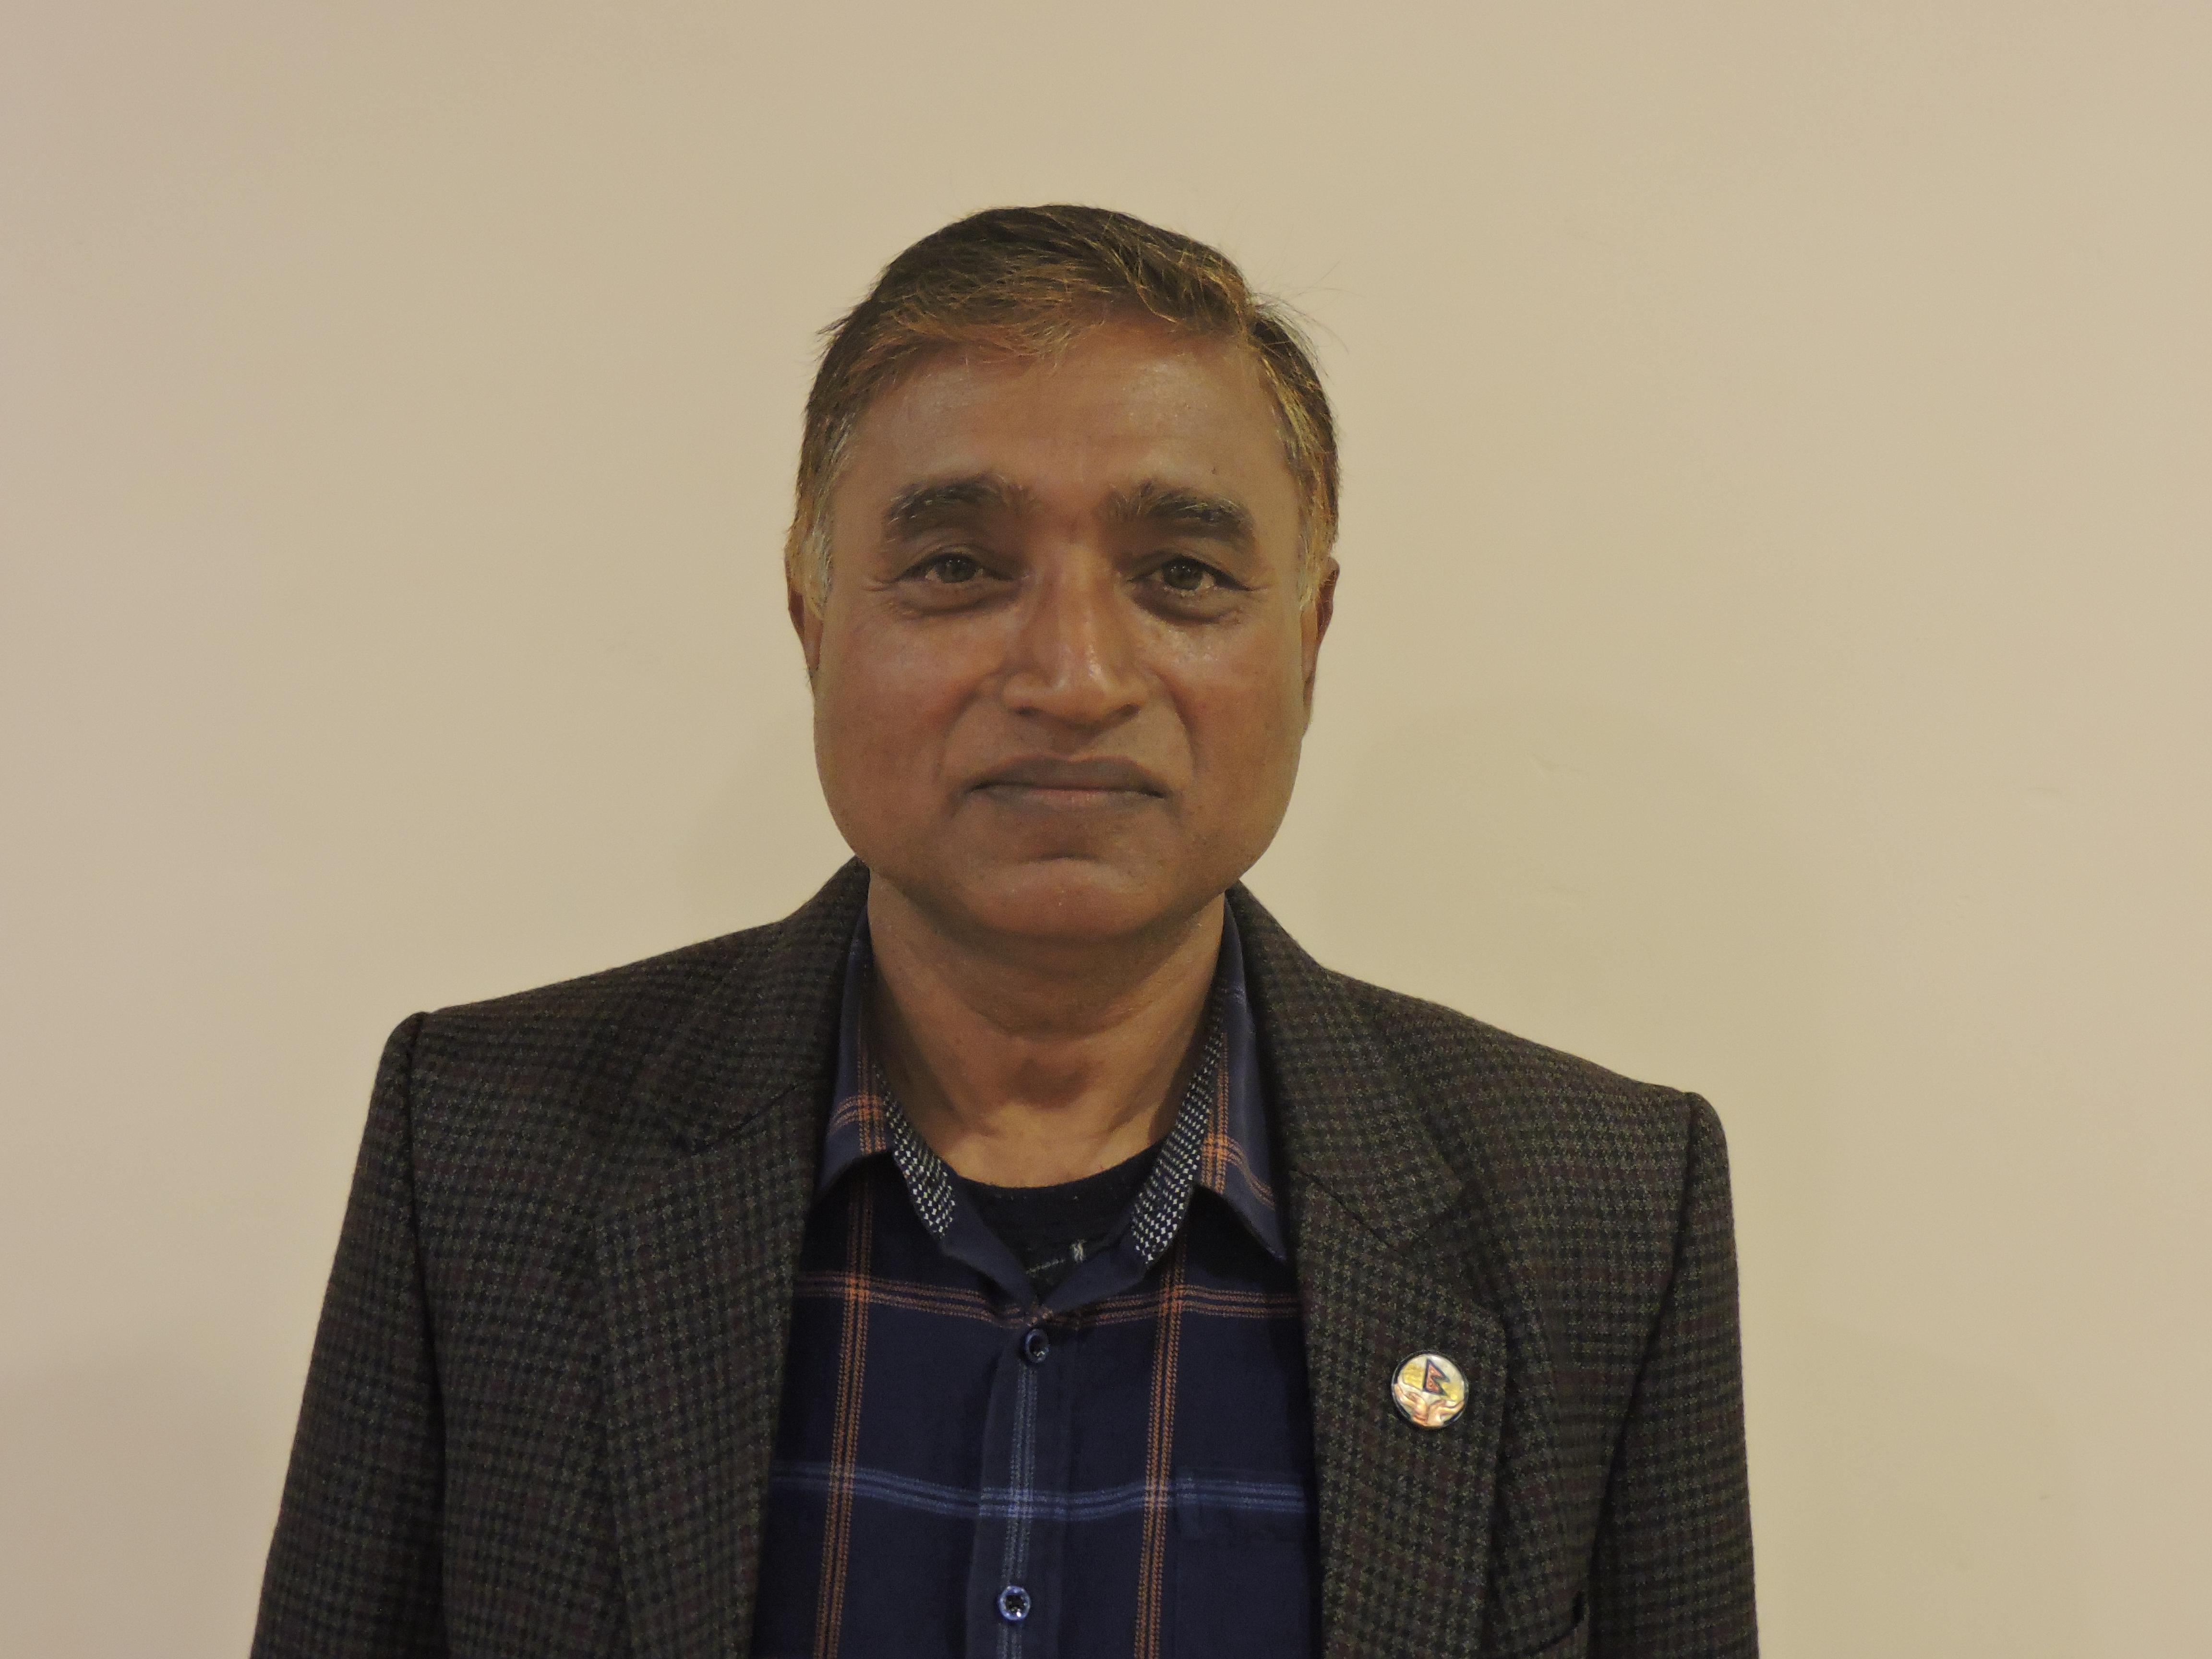 (डॉ. शिवजी यादव संघीय समाजवादी फोरम नेपाल के केन्द्रीय सदस्य तथा सभासद हैं